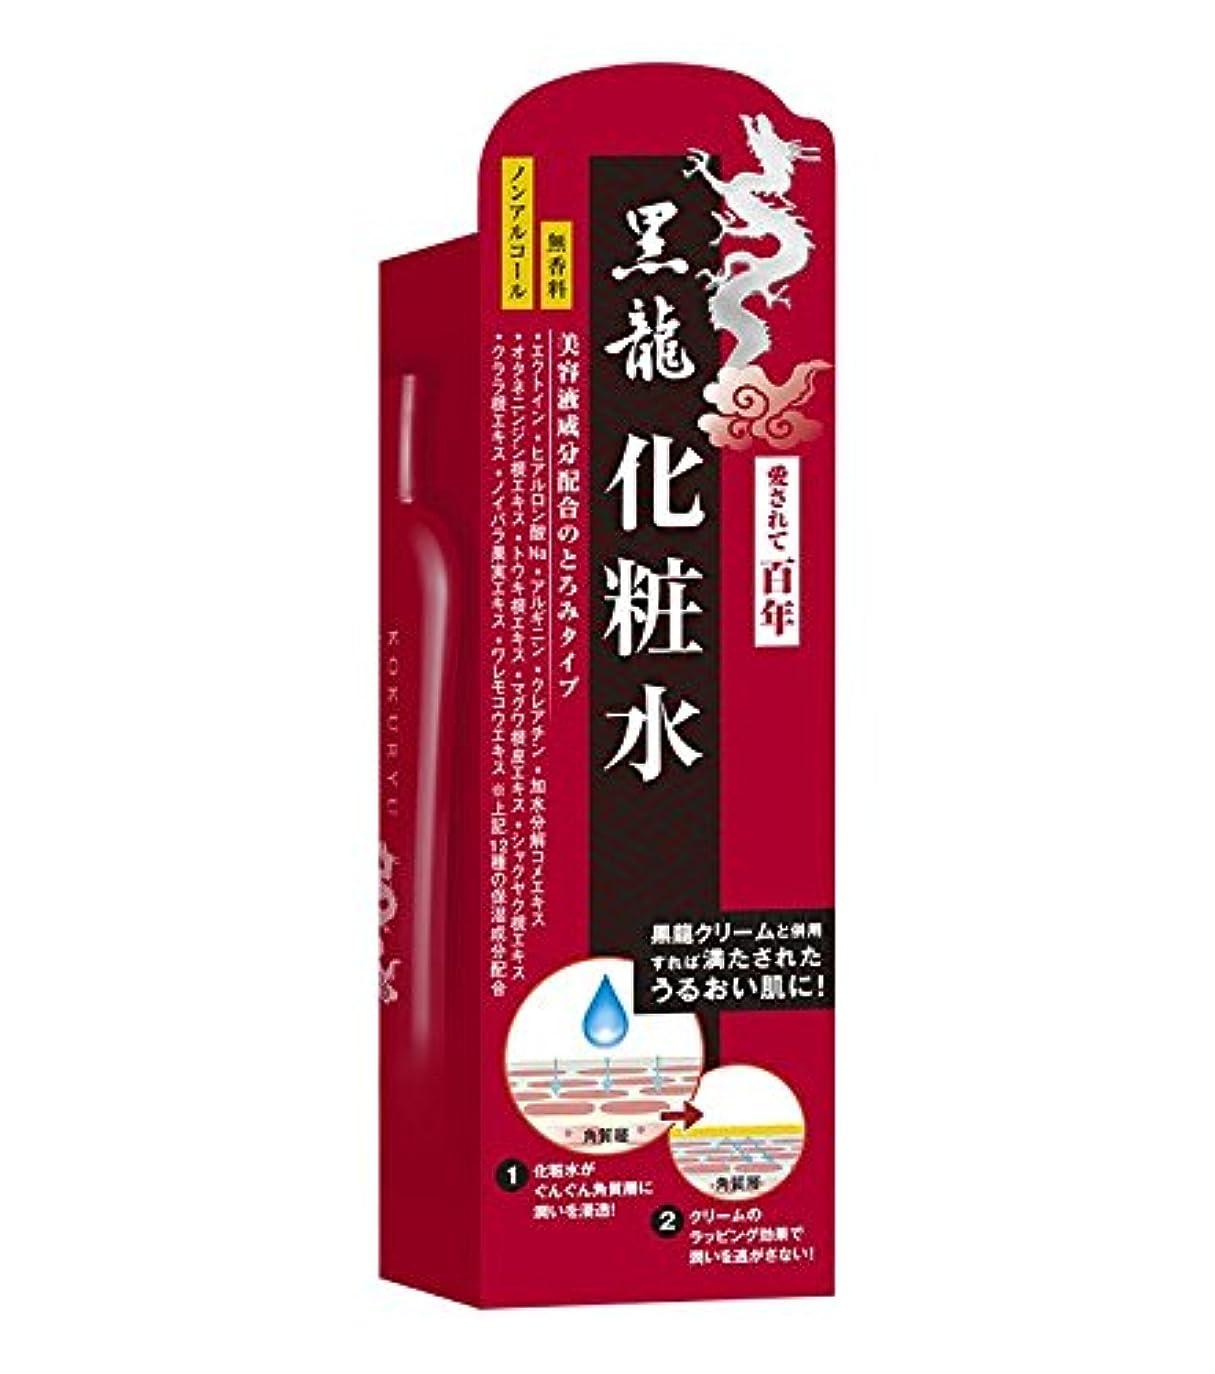 美徳世紀宇宙黒龍 化粧水 150ml